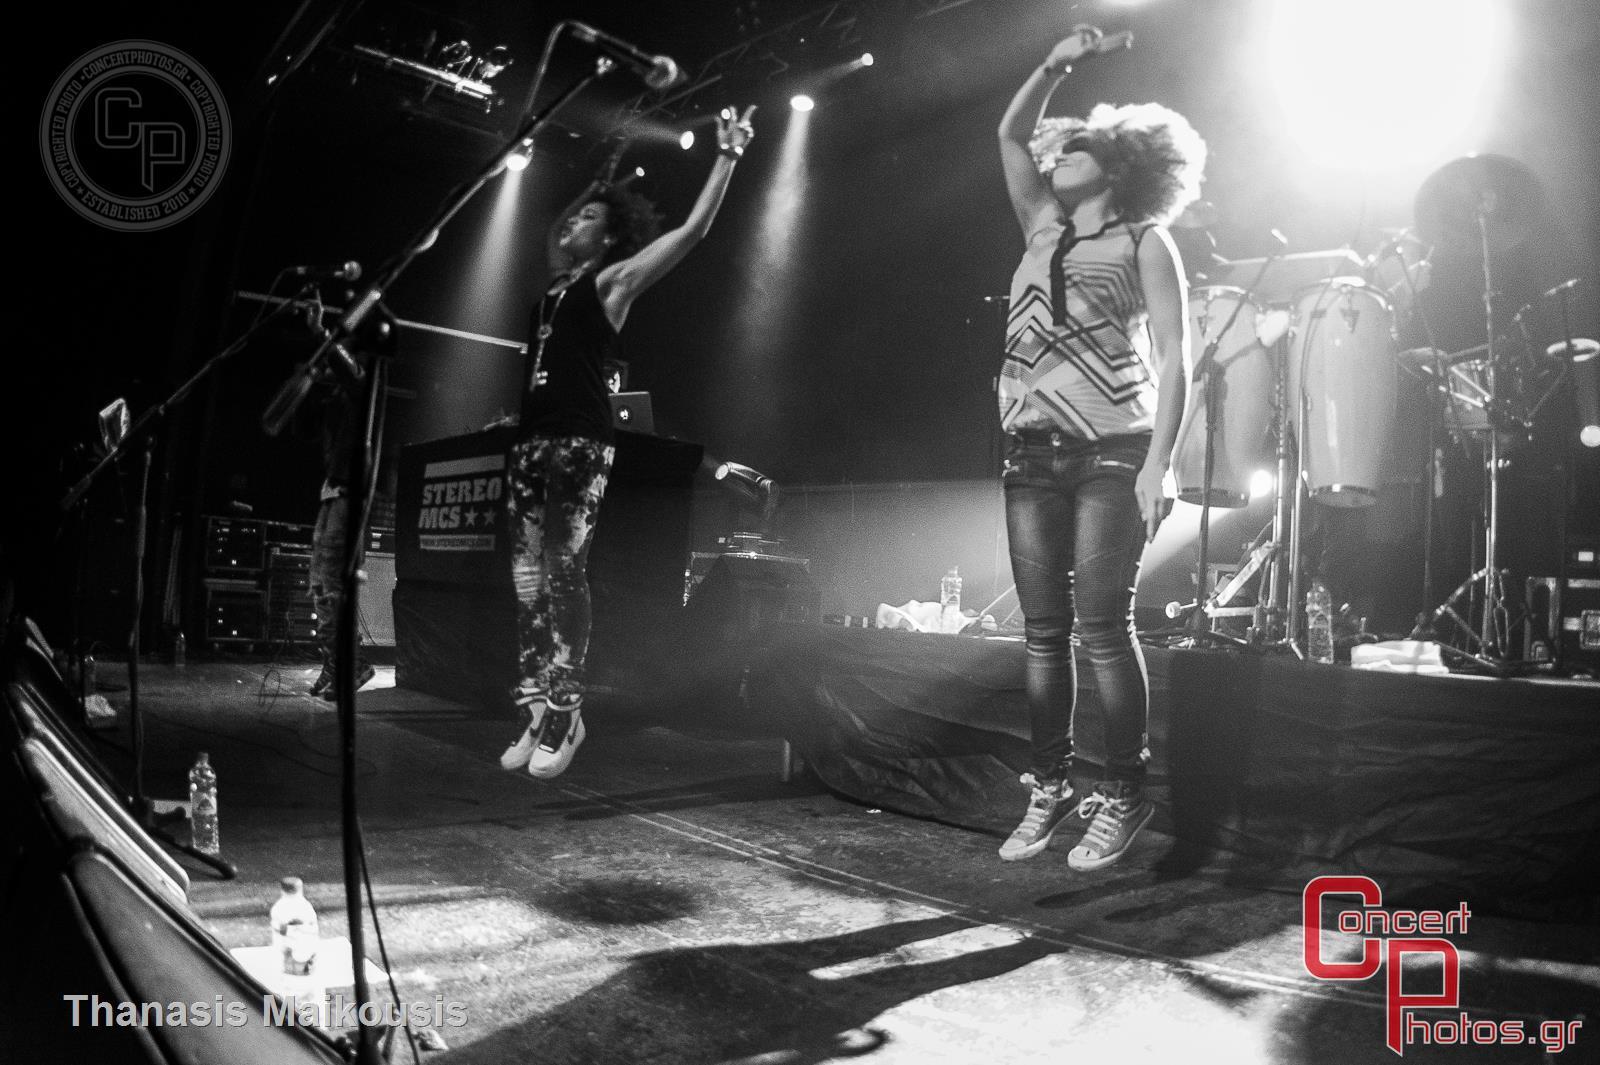 Stereo Mc's-Stereo Mcs photographer: Thanasis Maikousis - ConcertPhotos - 20141129_2323_05